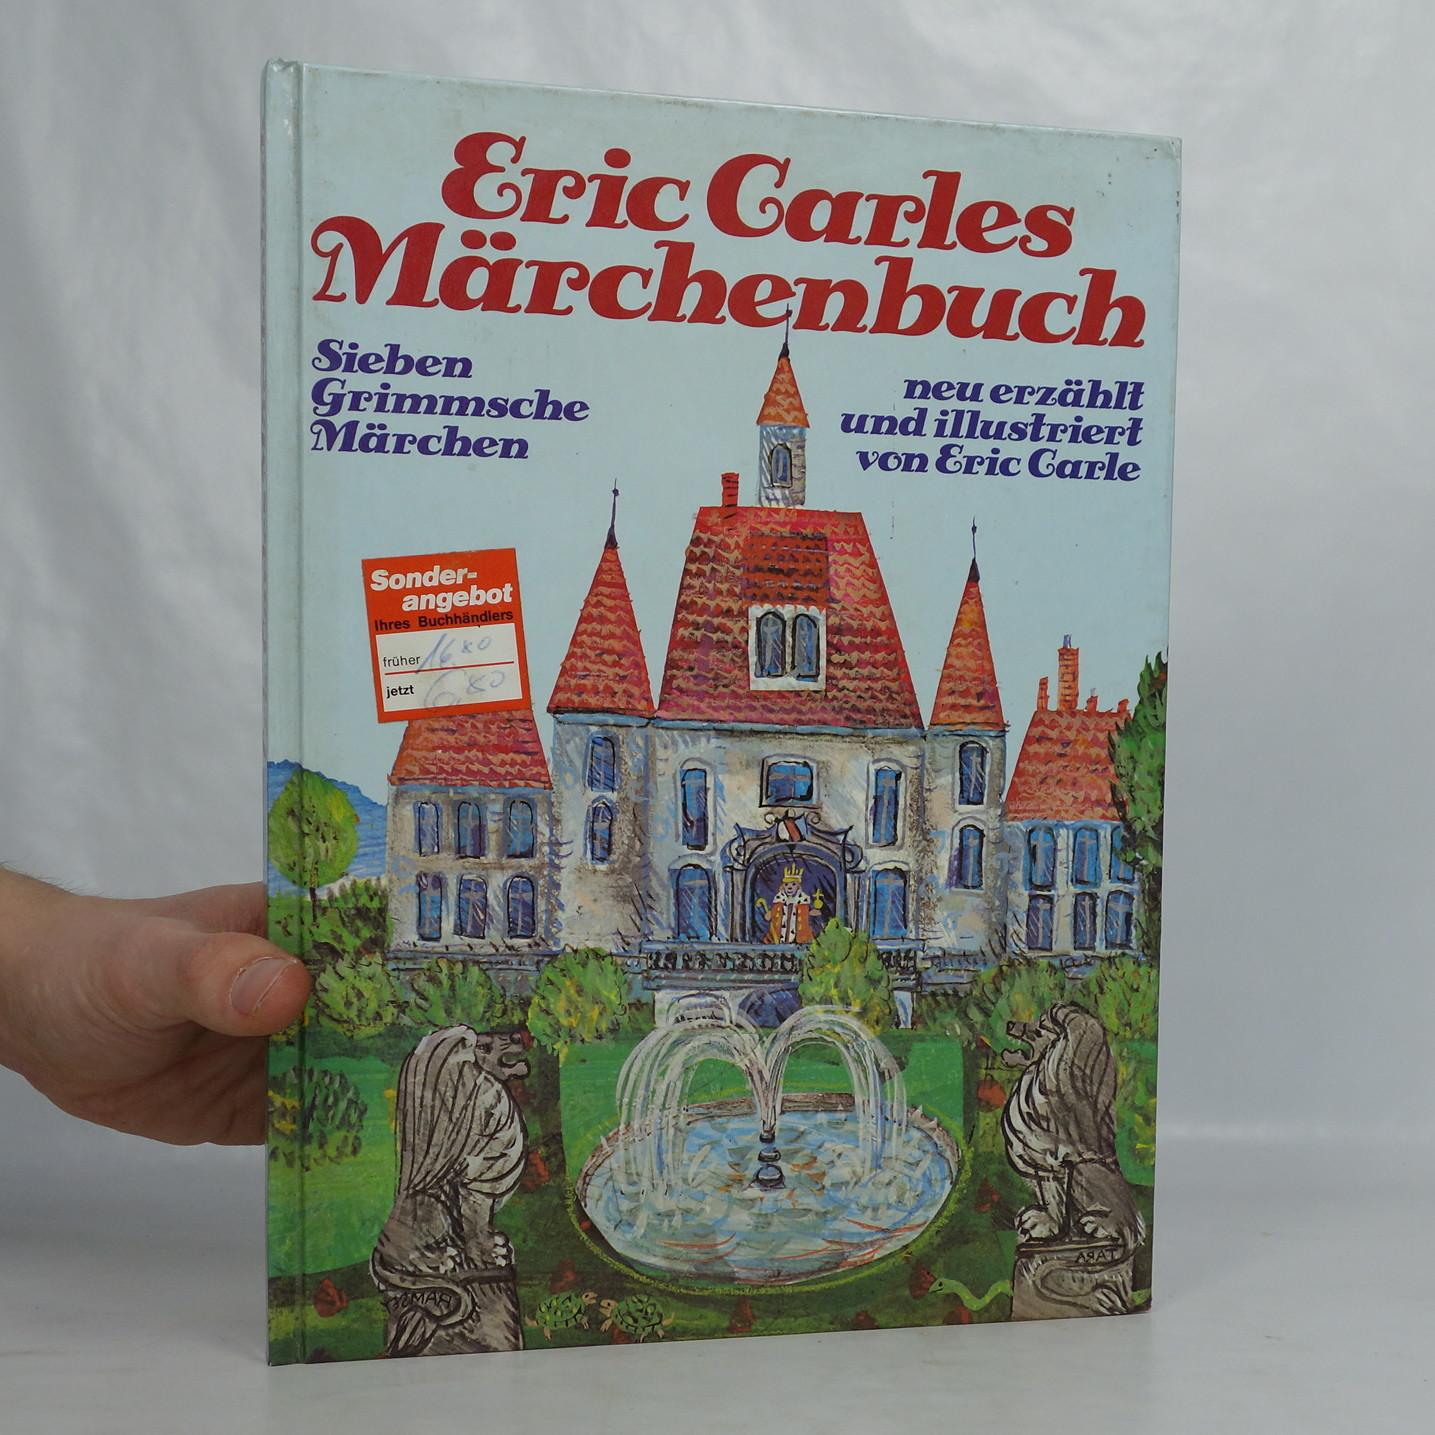 antikvární kniha Märchenbuch - Sieben Grimmsche Märchen, 1976